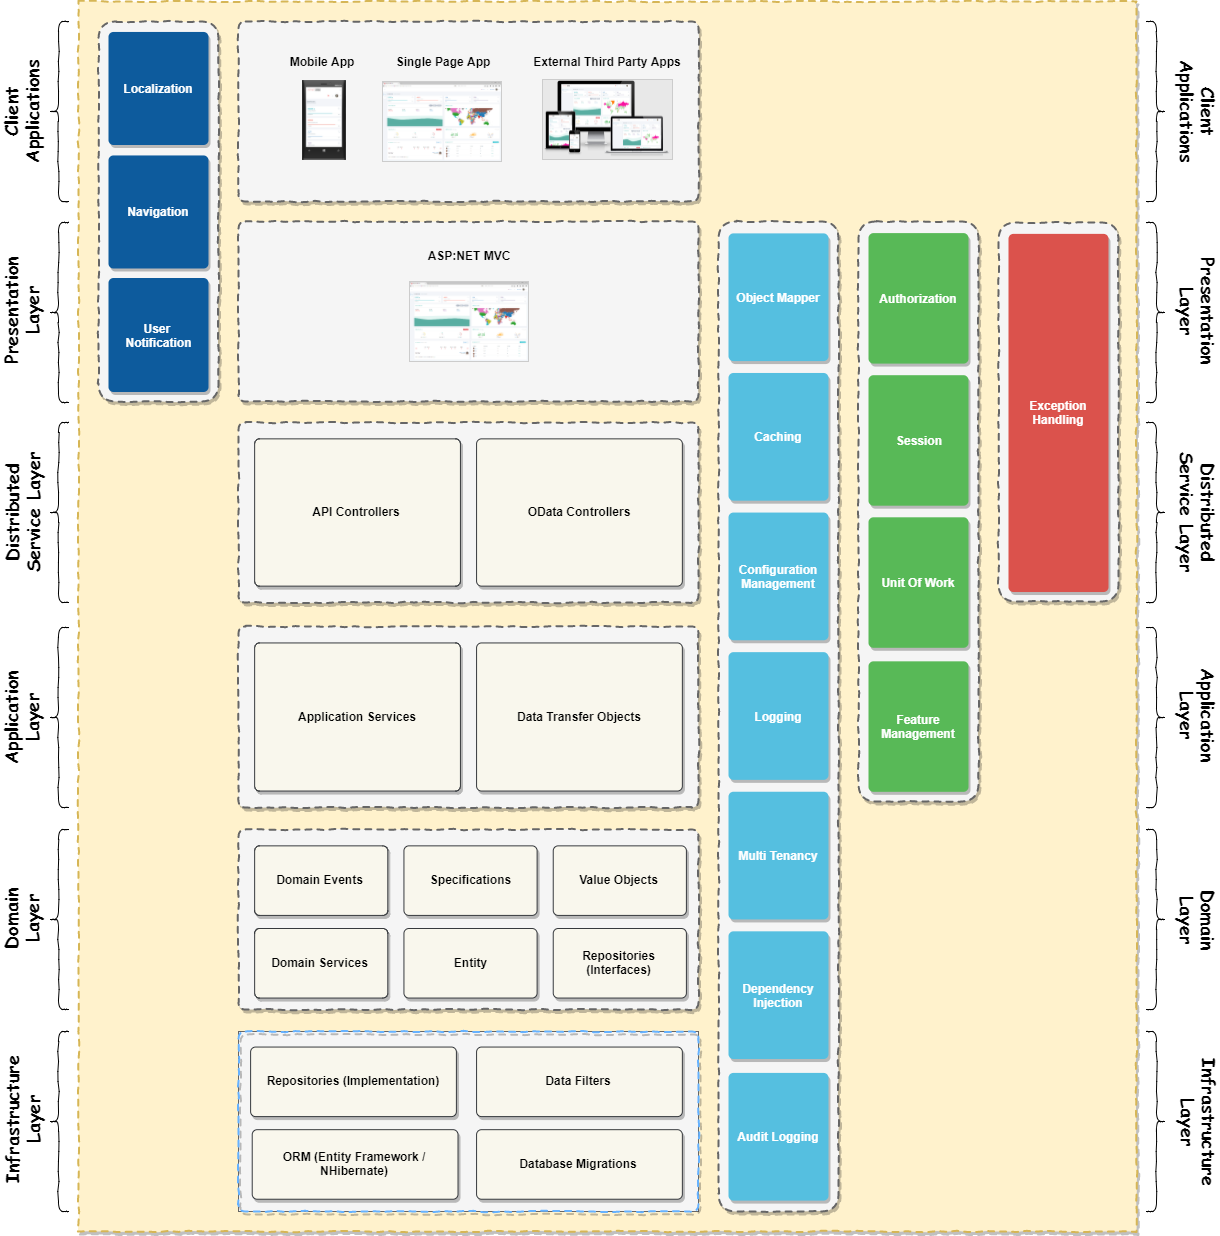 Boilerplate Application Architecture Model